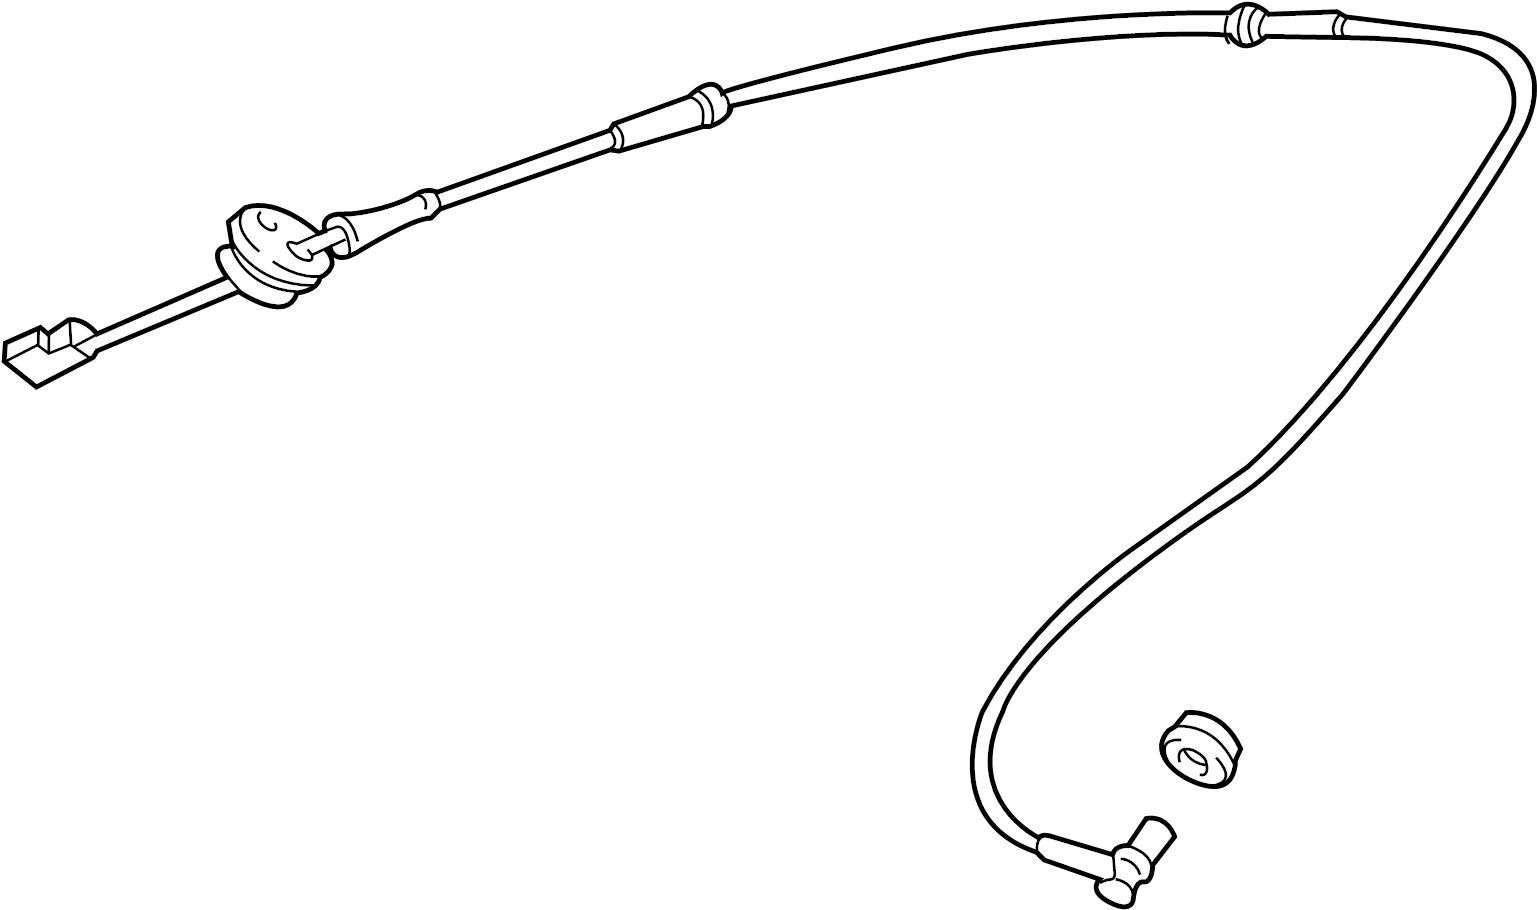 2007 Audi S4 Cabriolet Speed sensor. REVOLUTION COUNTER